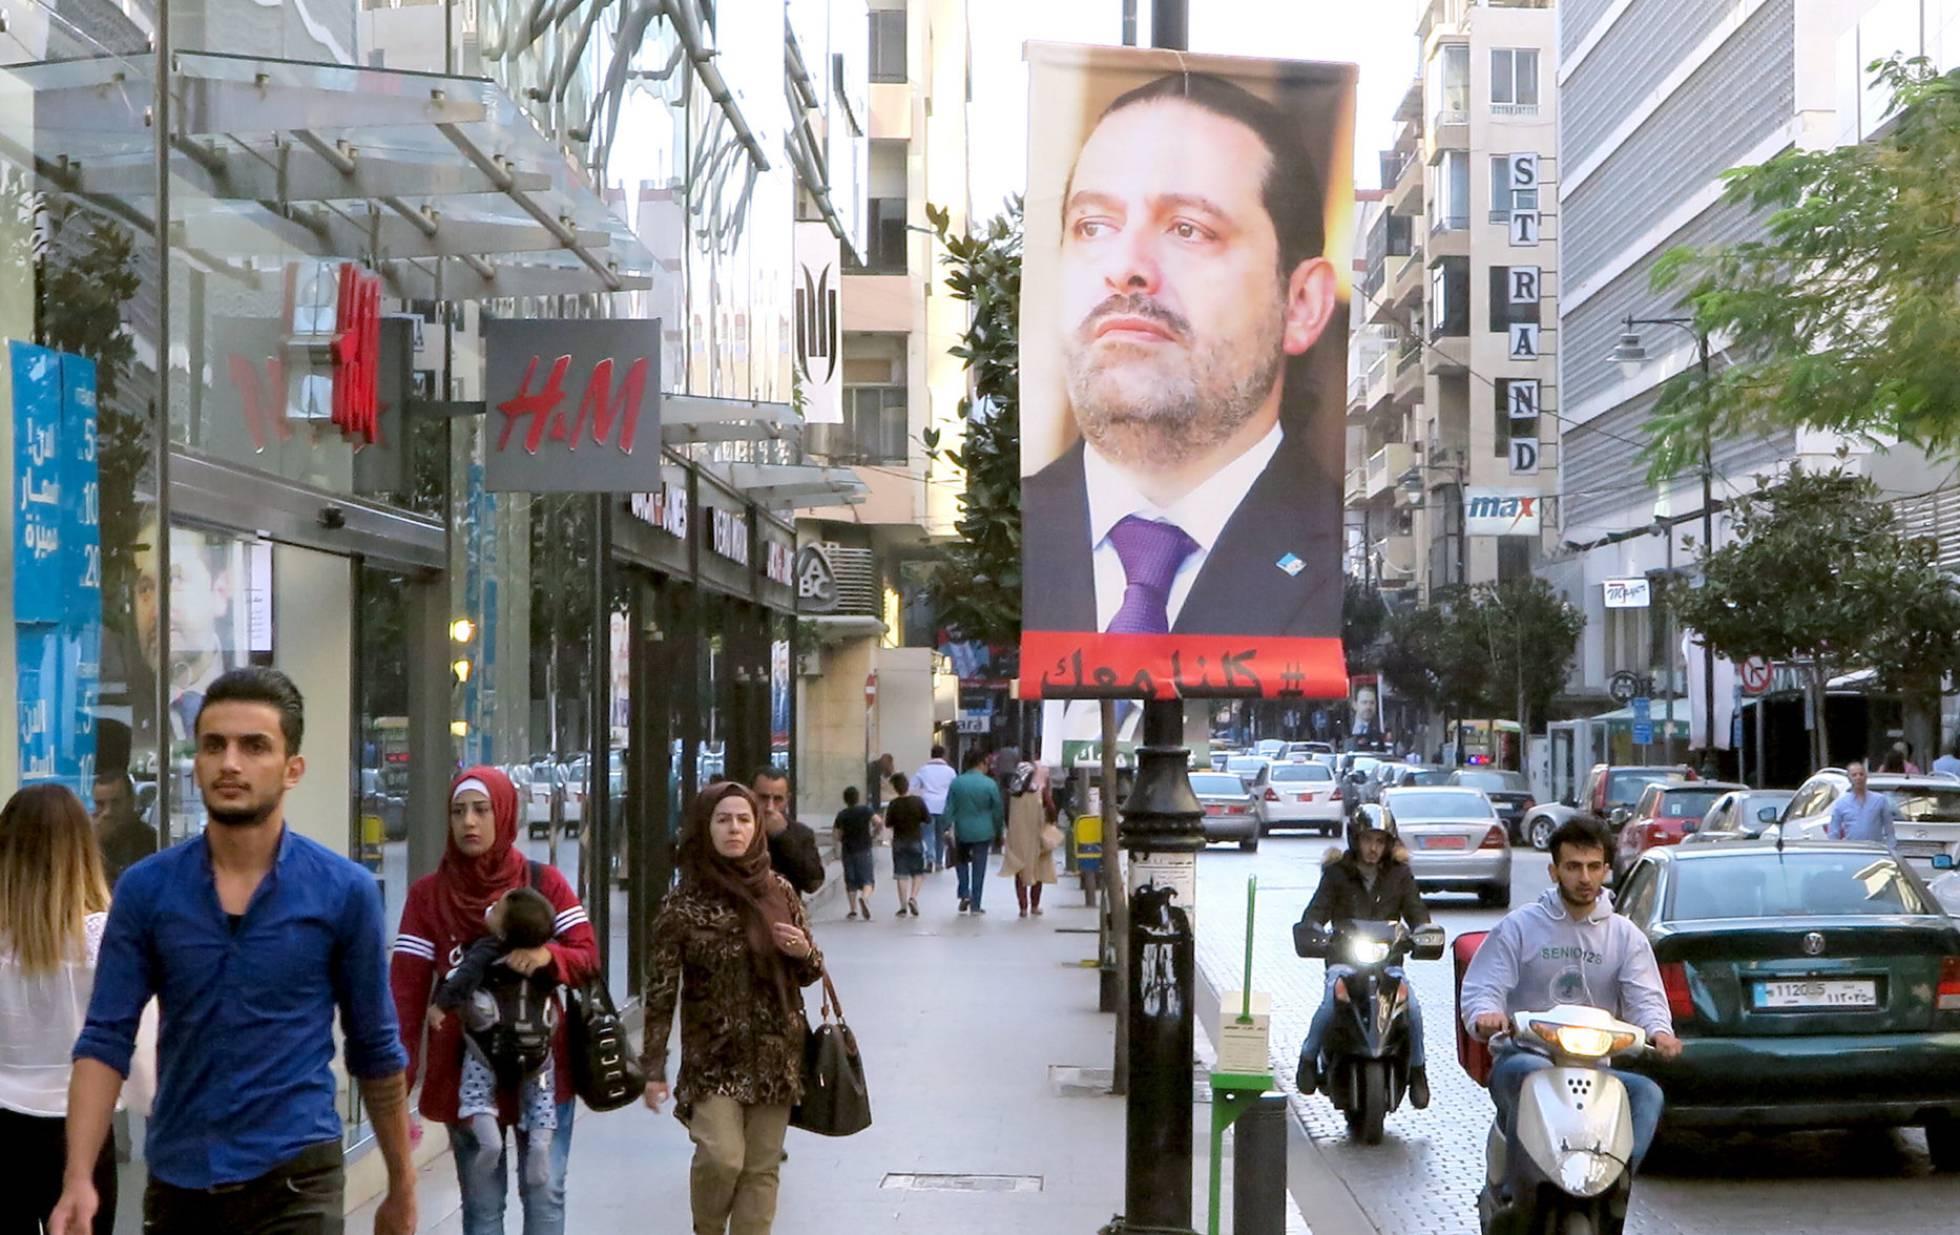 Conflicto Arabia Saudita - Líbano 1510829064_466769_1510829191_noticia_normal_recorte1